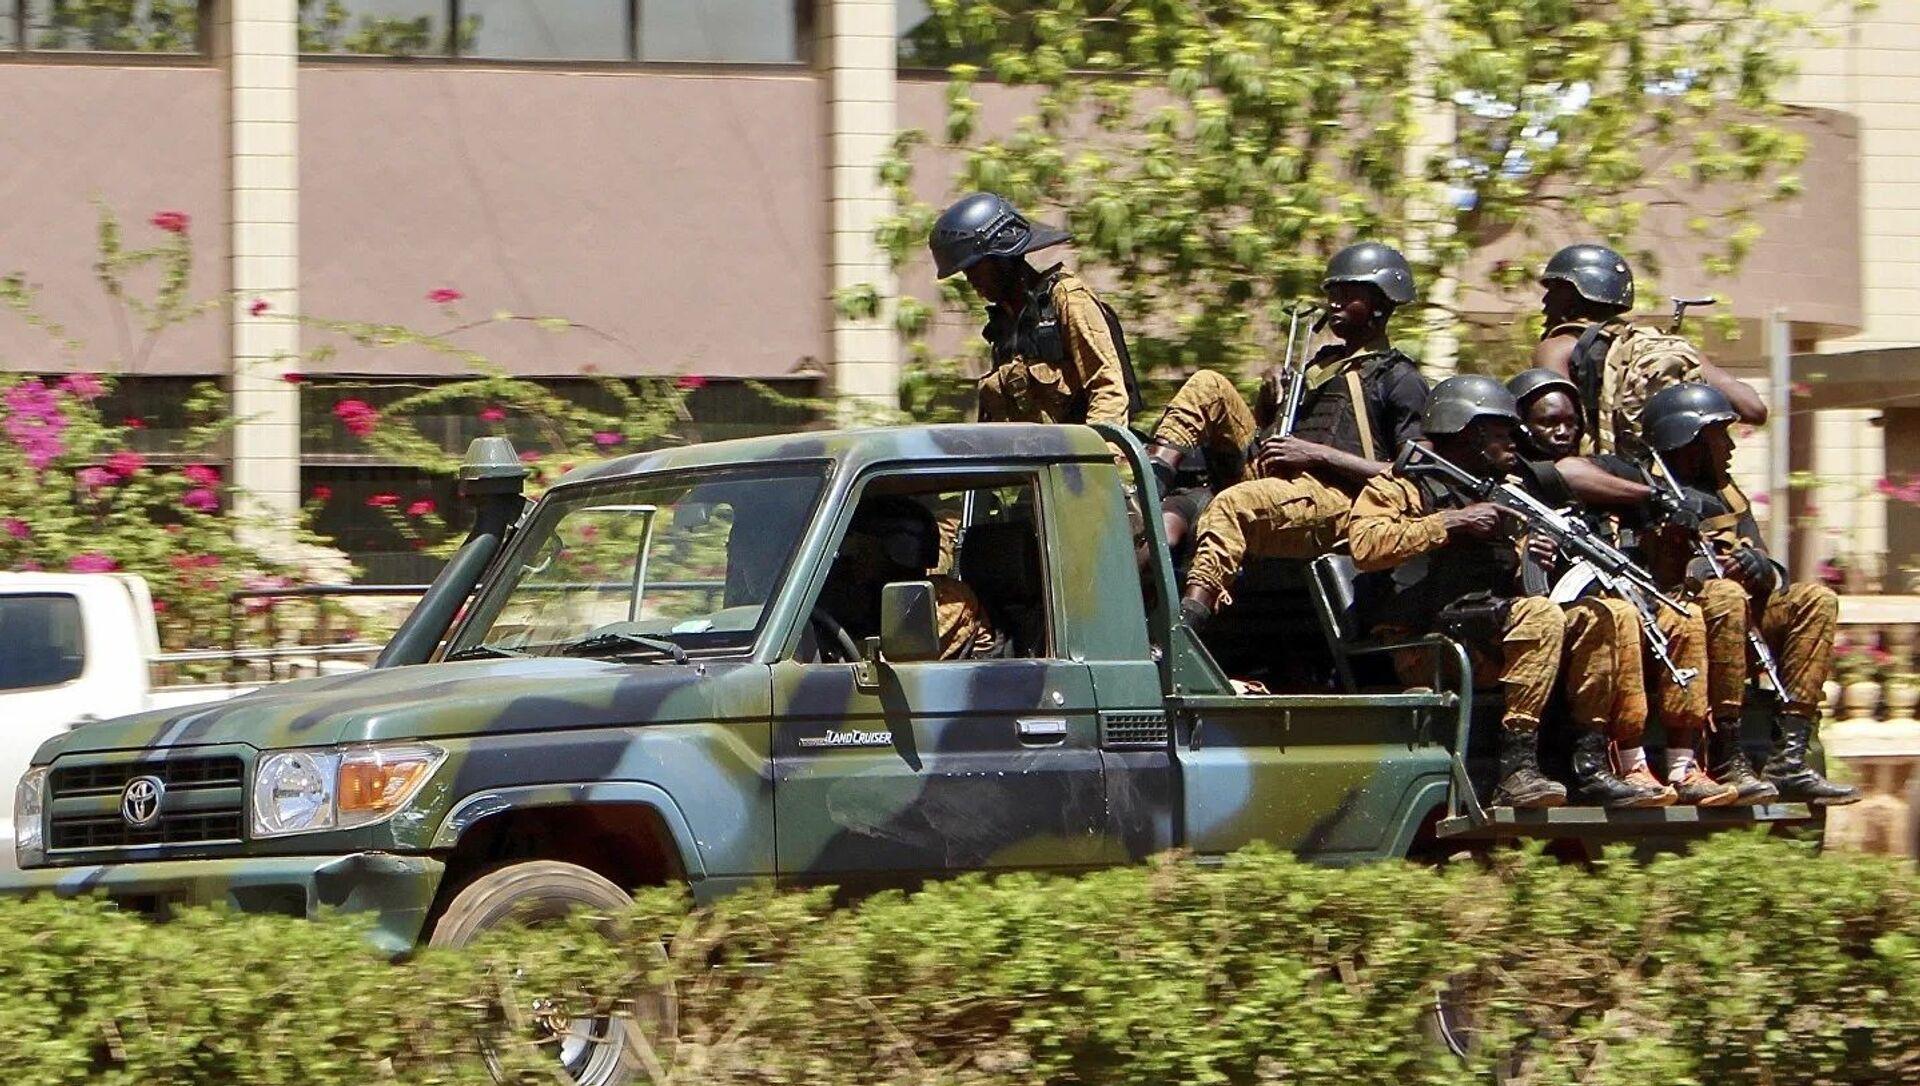 Des militaires roulent dans un véhicule près de l'ambassade de France à Ouagadougou, au Burkina Faso - Sputnik France, 1920, 17.08.2021